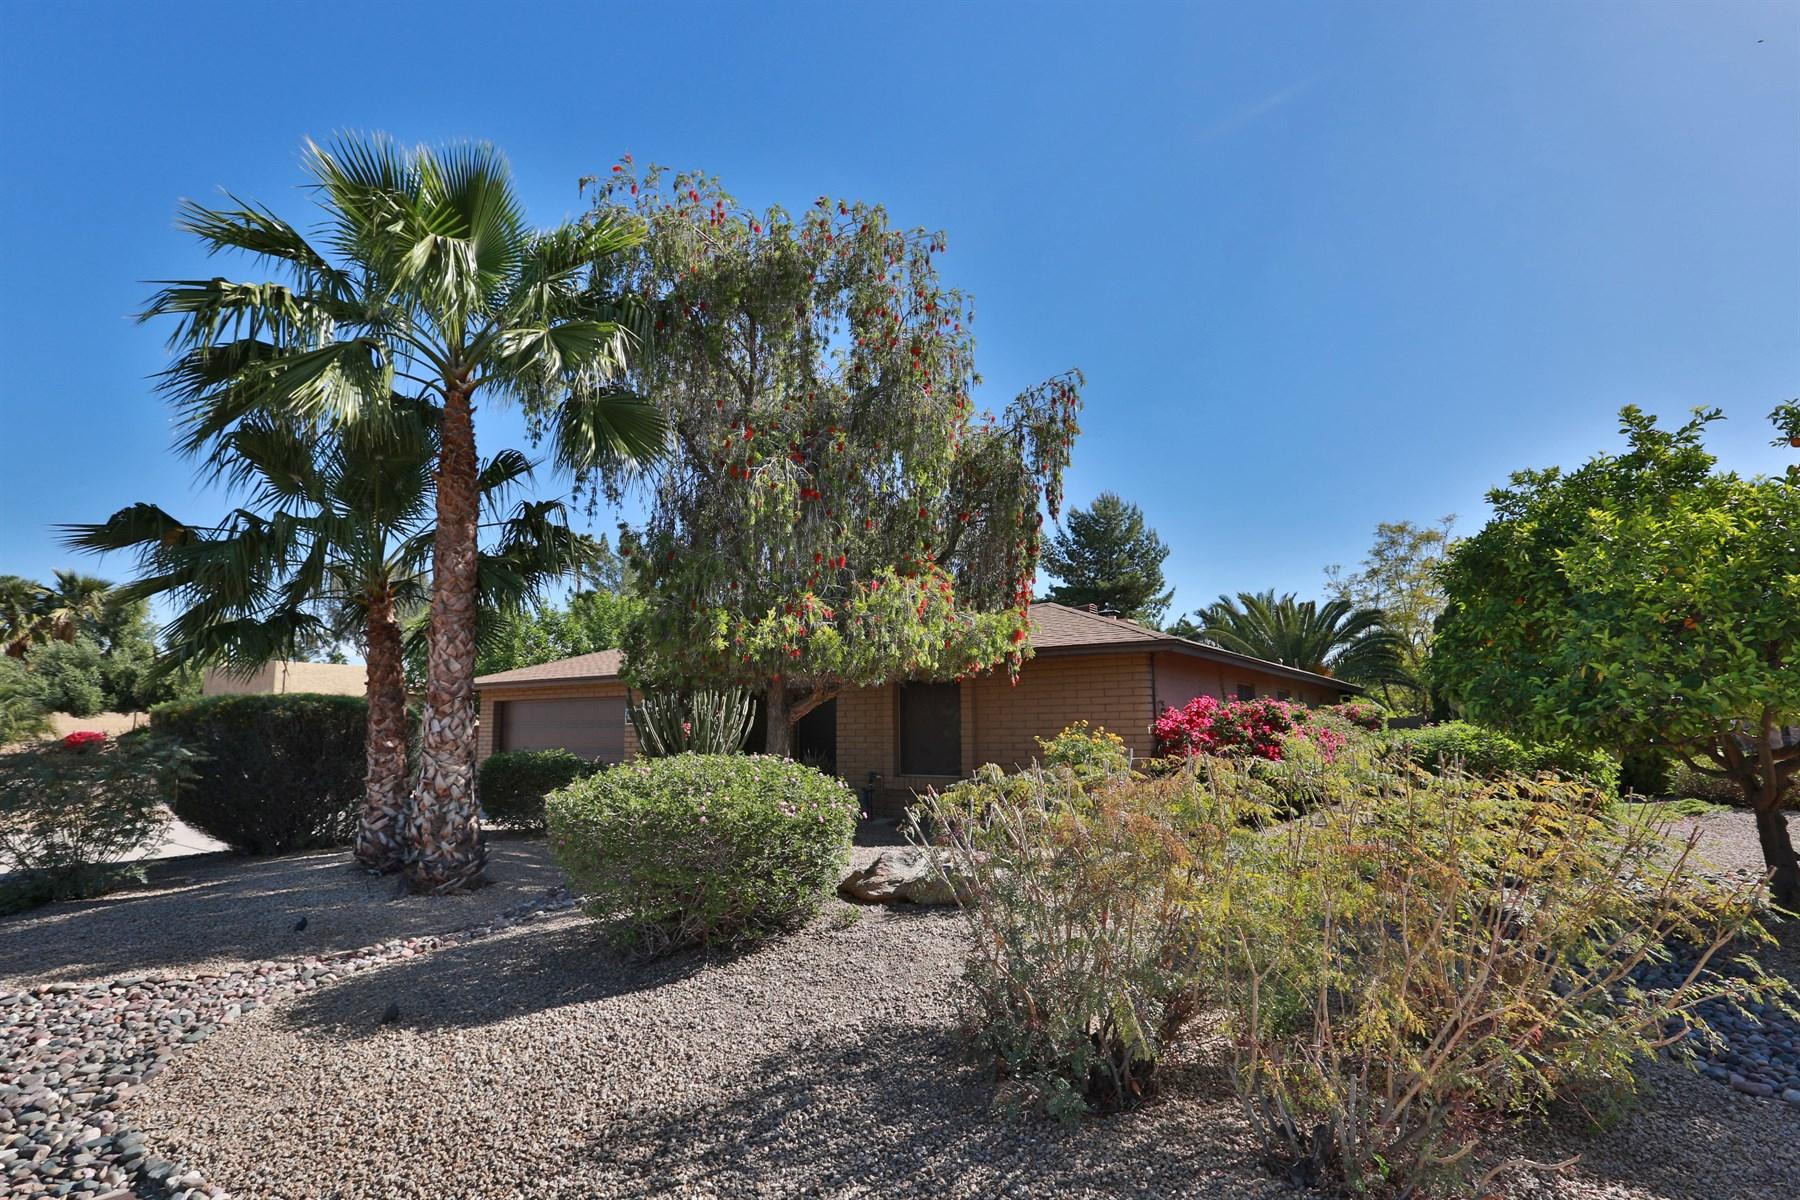 一戸建て のために 売買 アット Wonderfully remodeled corner lot home 16419 N 64th Pl Scottsdale, アリゾナ, 85254 アメリカ合衆国